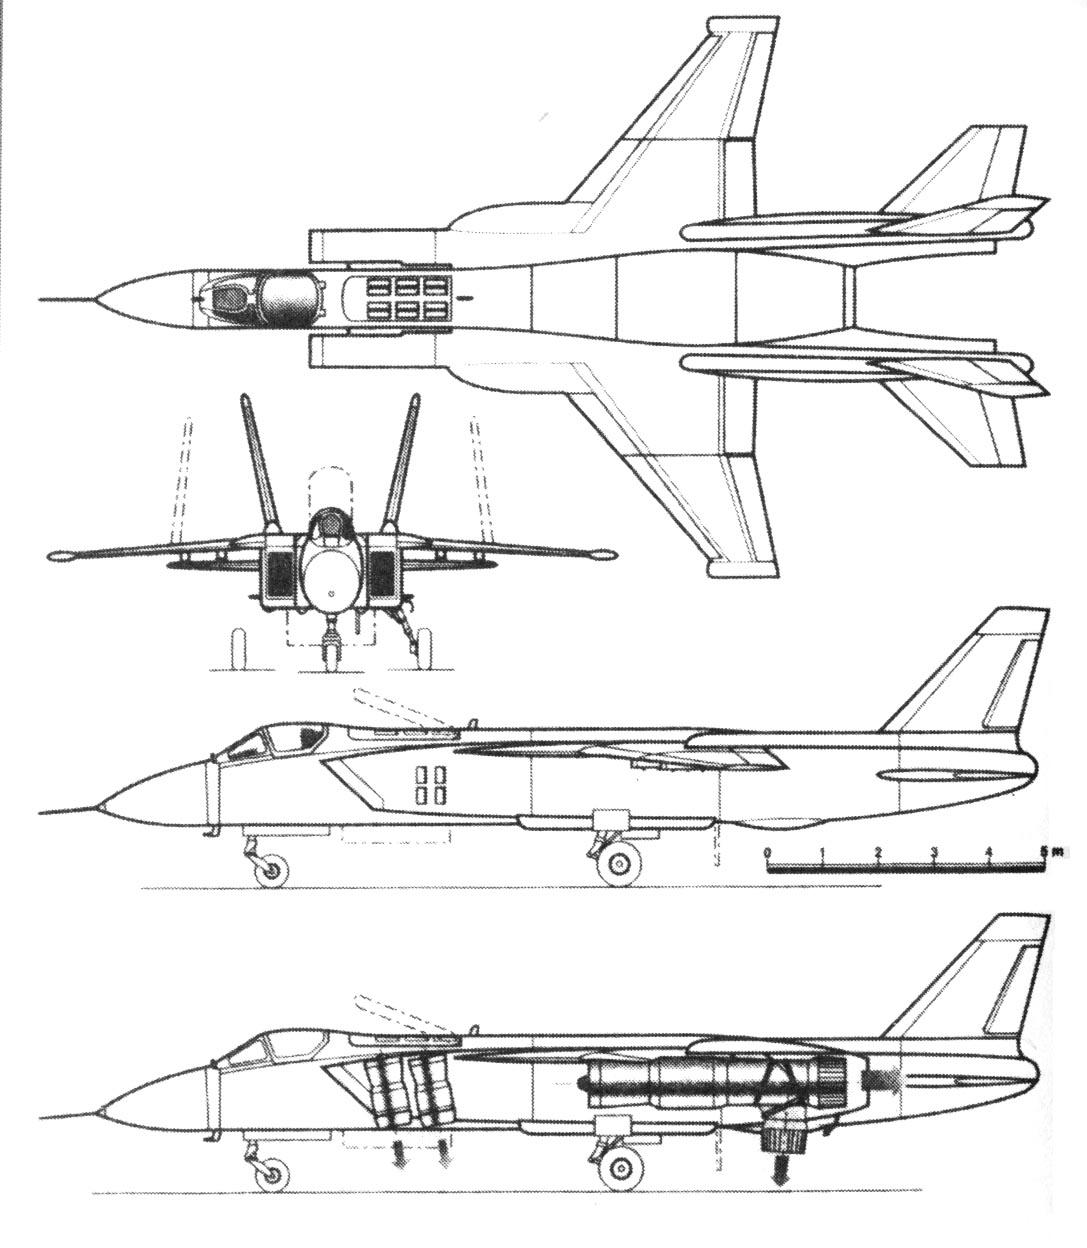 http://airbase.ru/hangar/planes/russia/yak/yak-141/img/yak141s.jpg